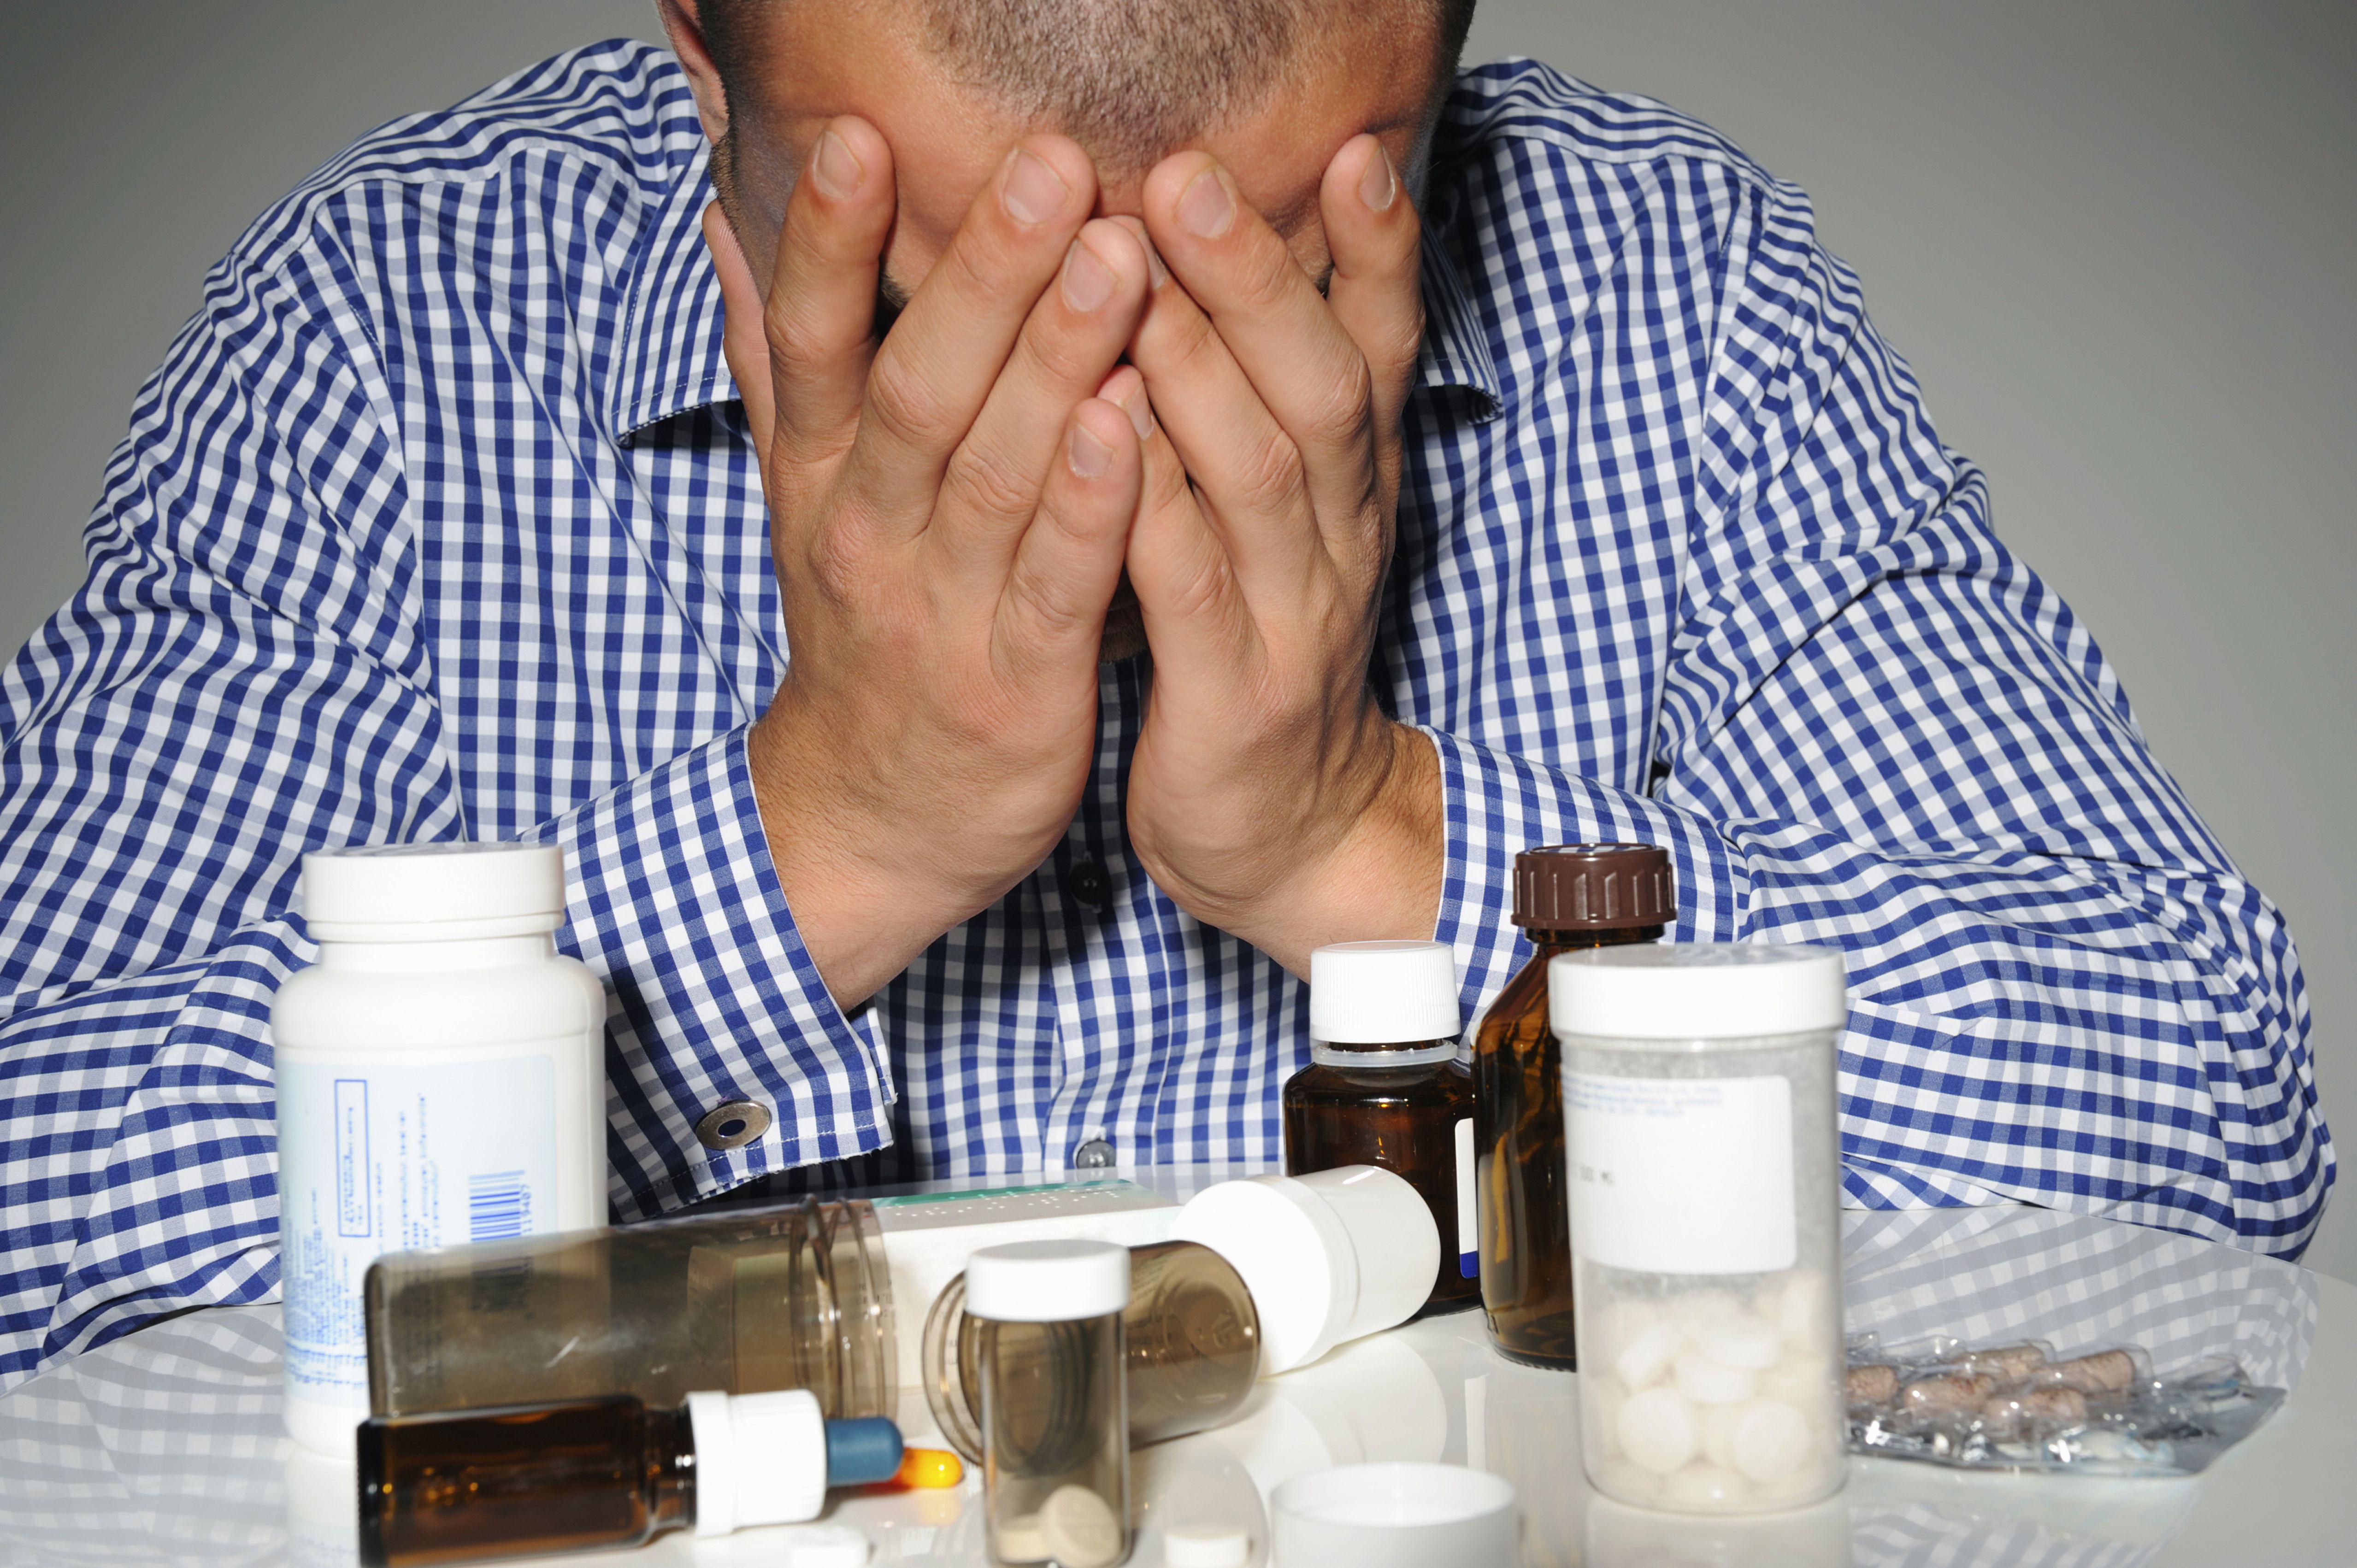 Простатит лечение и алкоголь влияет ли кофе на простатит